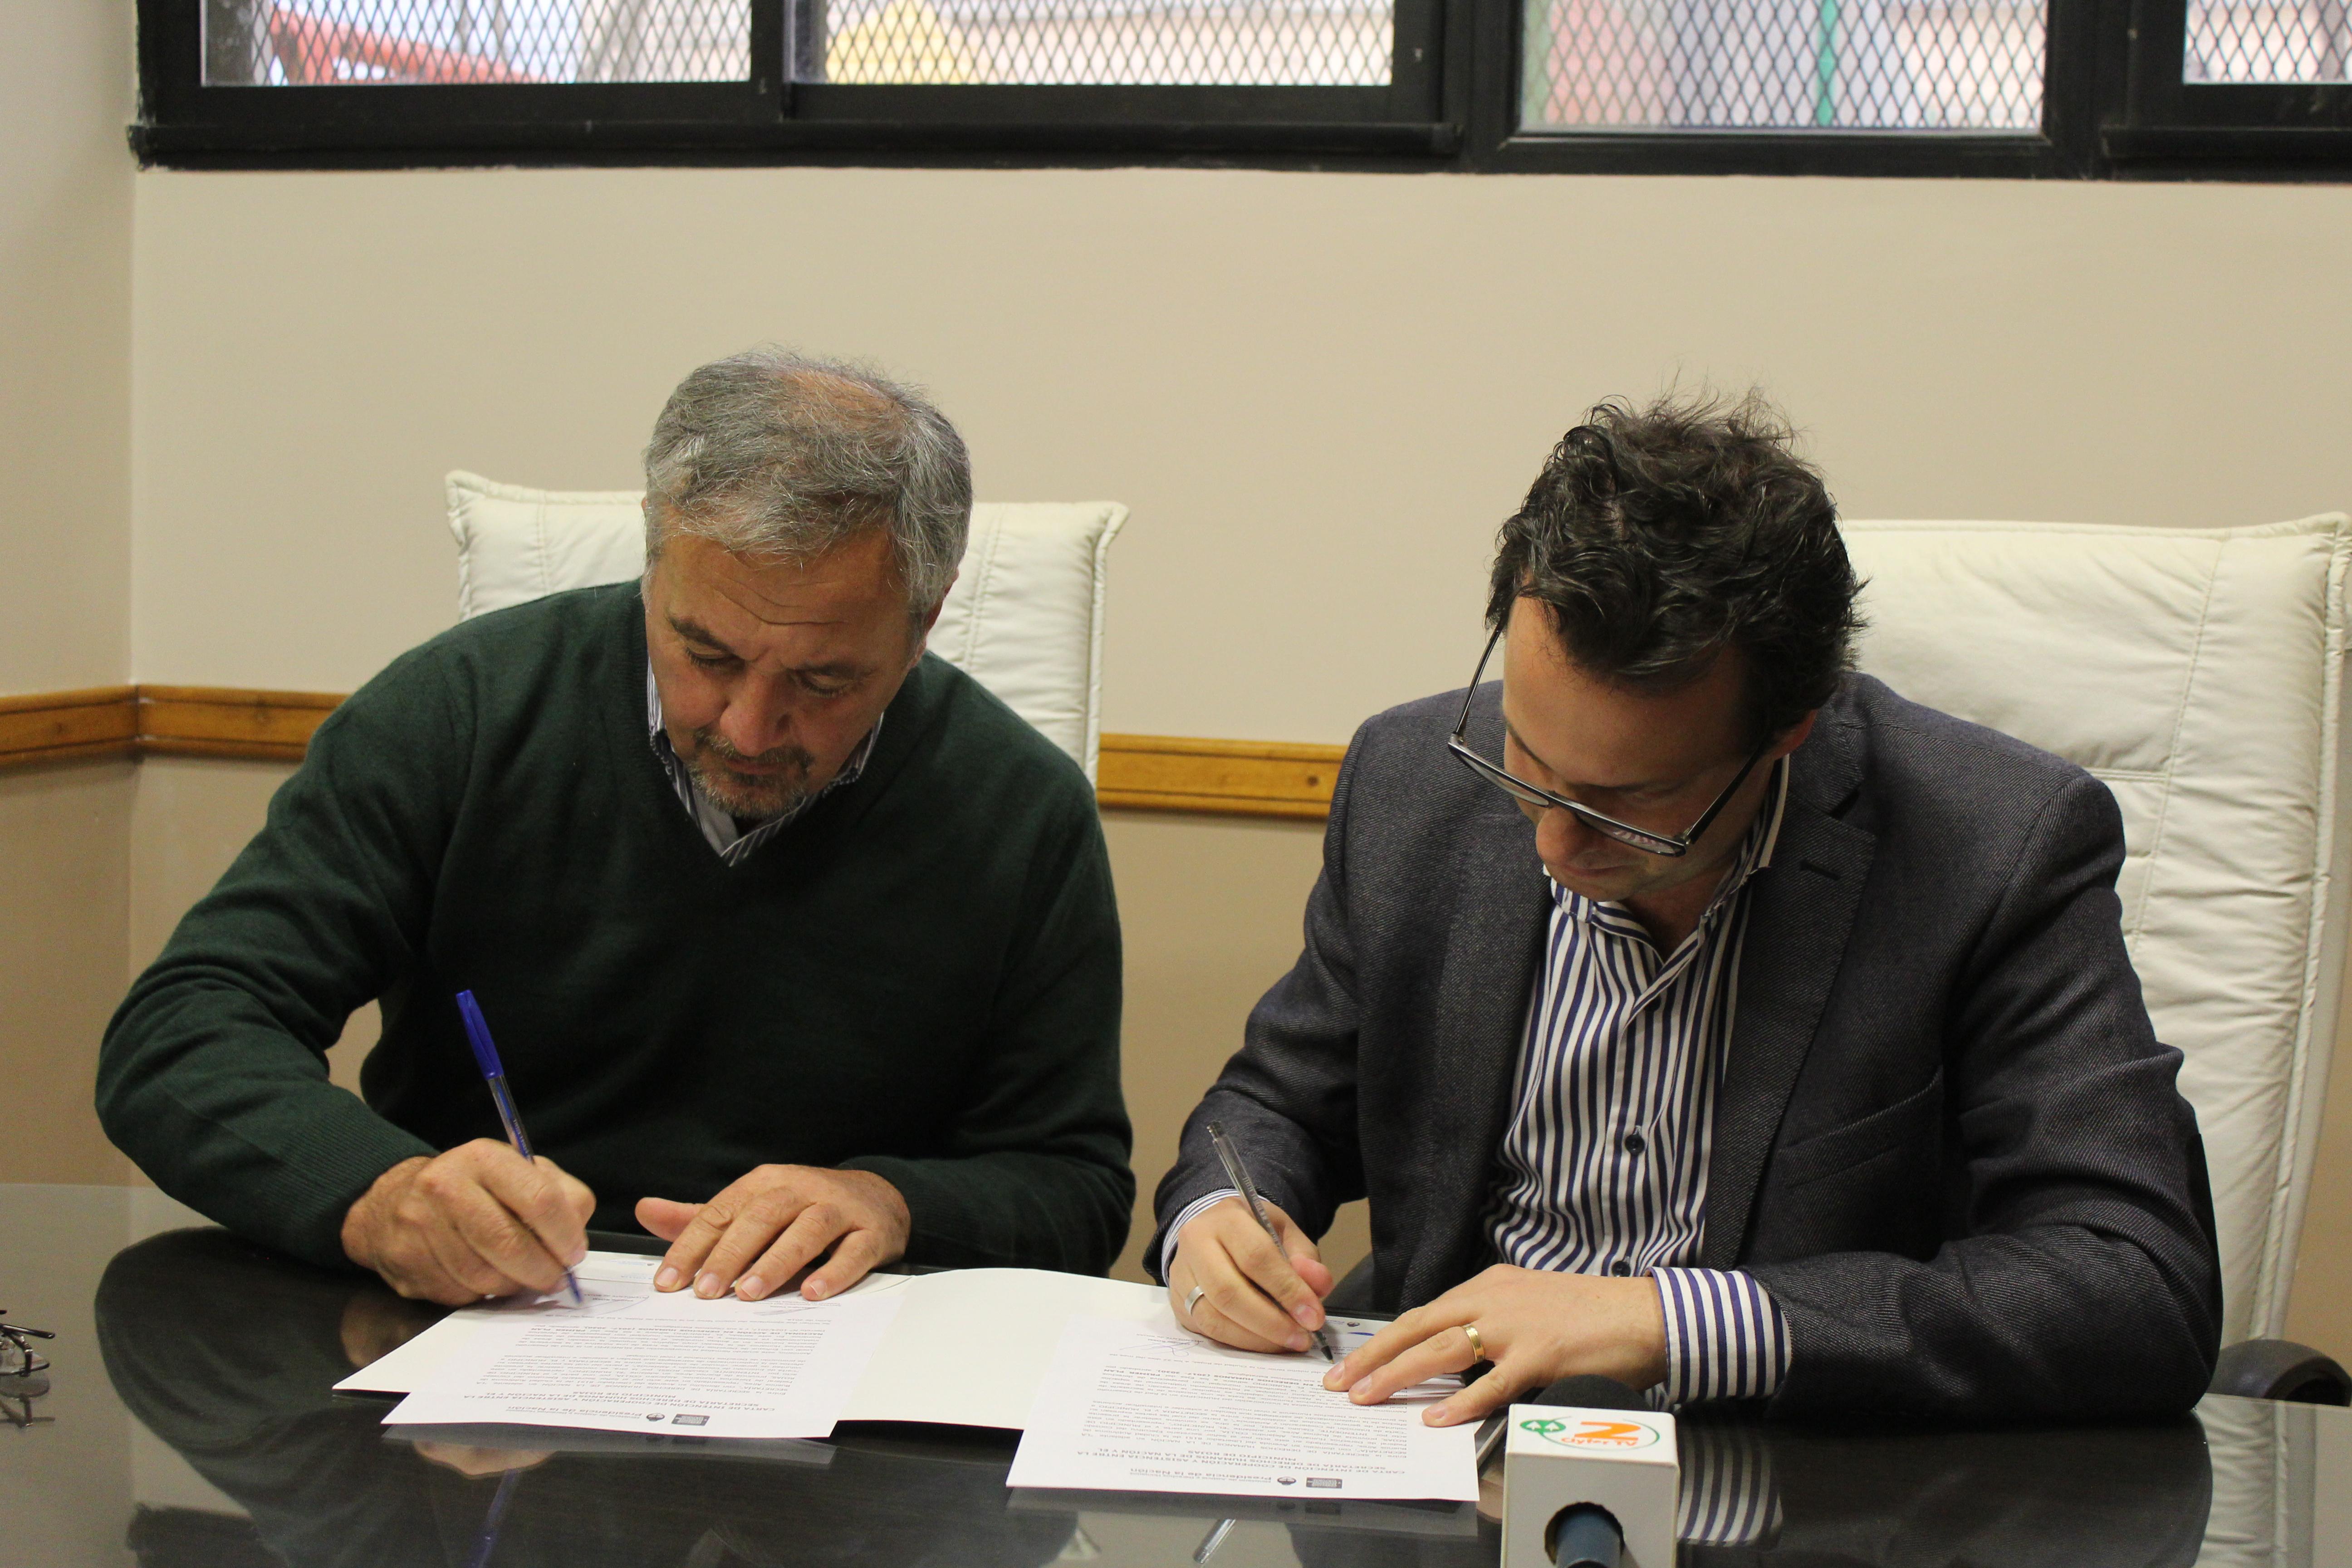 El intendente de Rojas, Claudio Rossi, y el secretario ejecutivo del Consejo Federal de Derechos Humanos, Alejandro Collia, formalizaron la incorporación del distrito al sistema que promueve el fortalecimiento institucional de los espacios dedicados a trabajar la temática de Derechos Humanos.